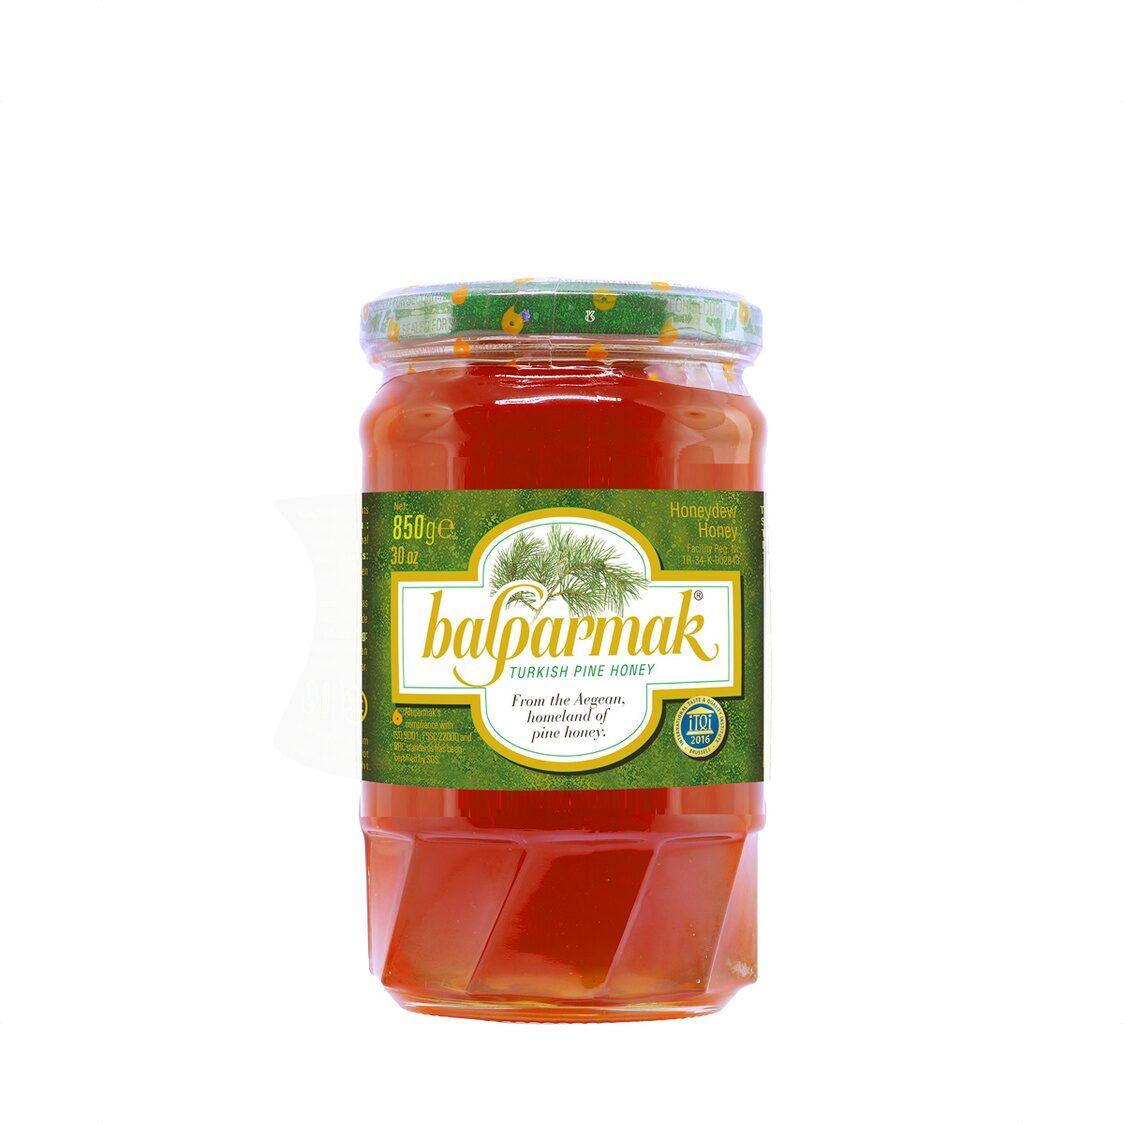 Balparmak Turkish Pine Honey 850g